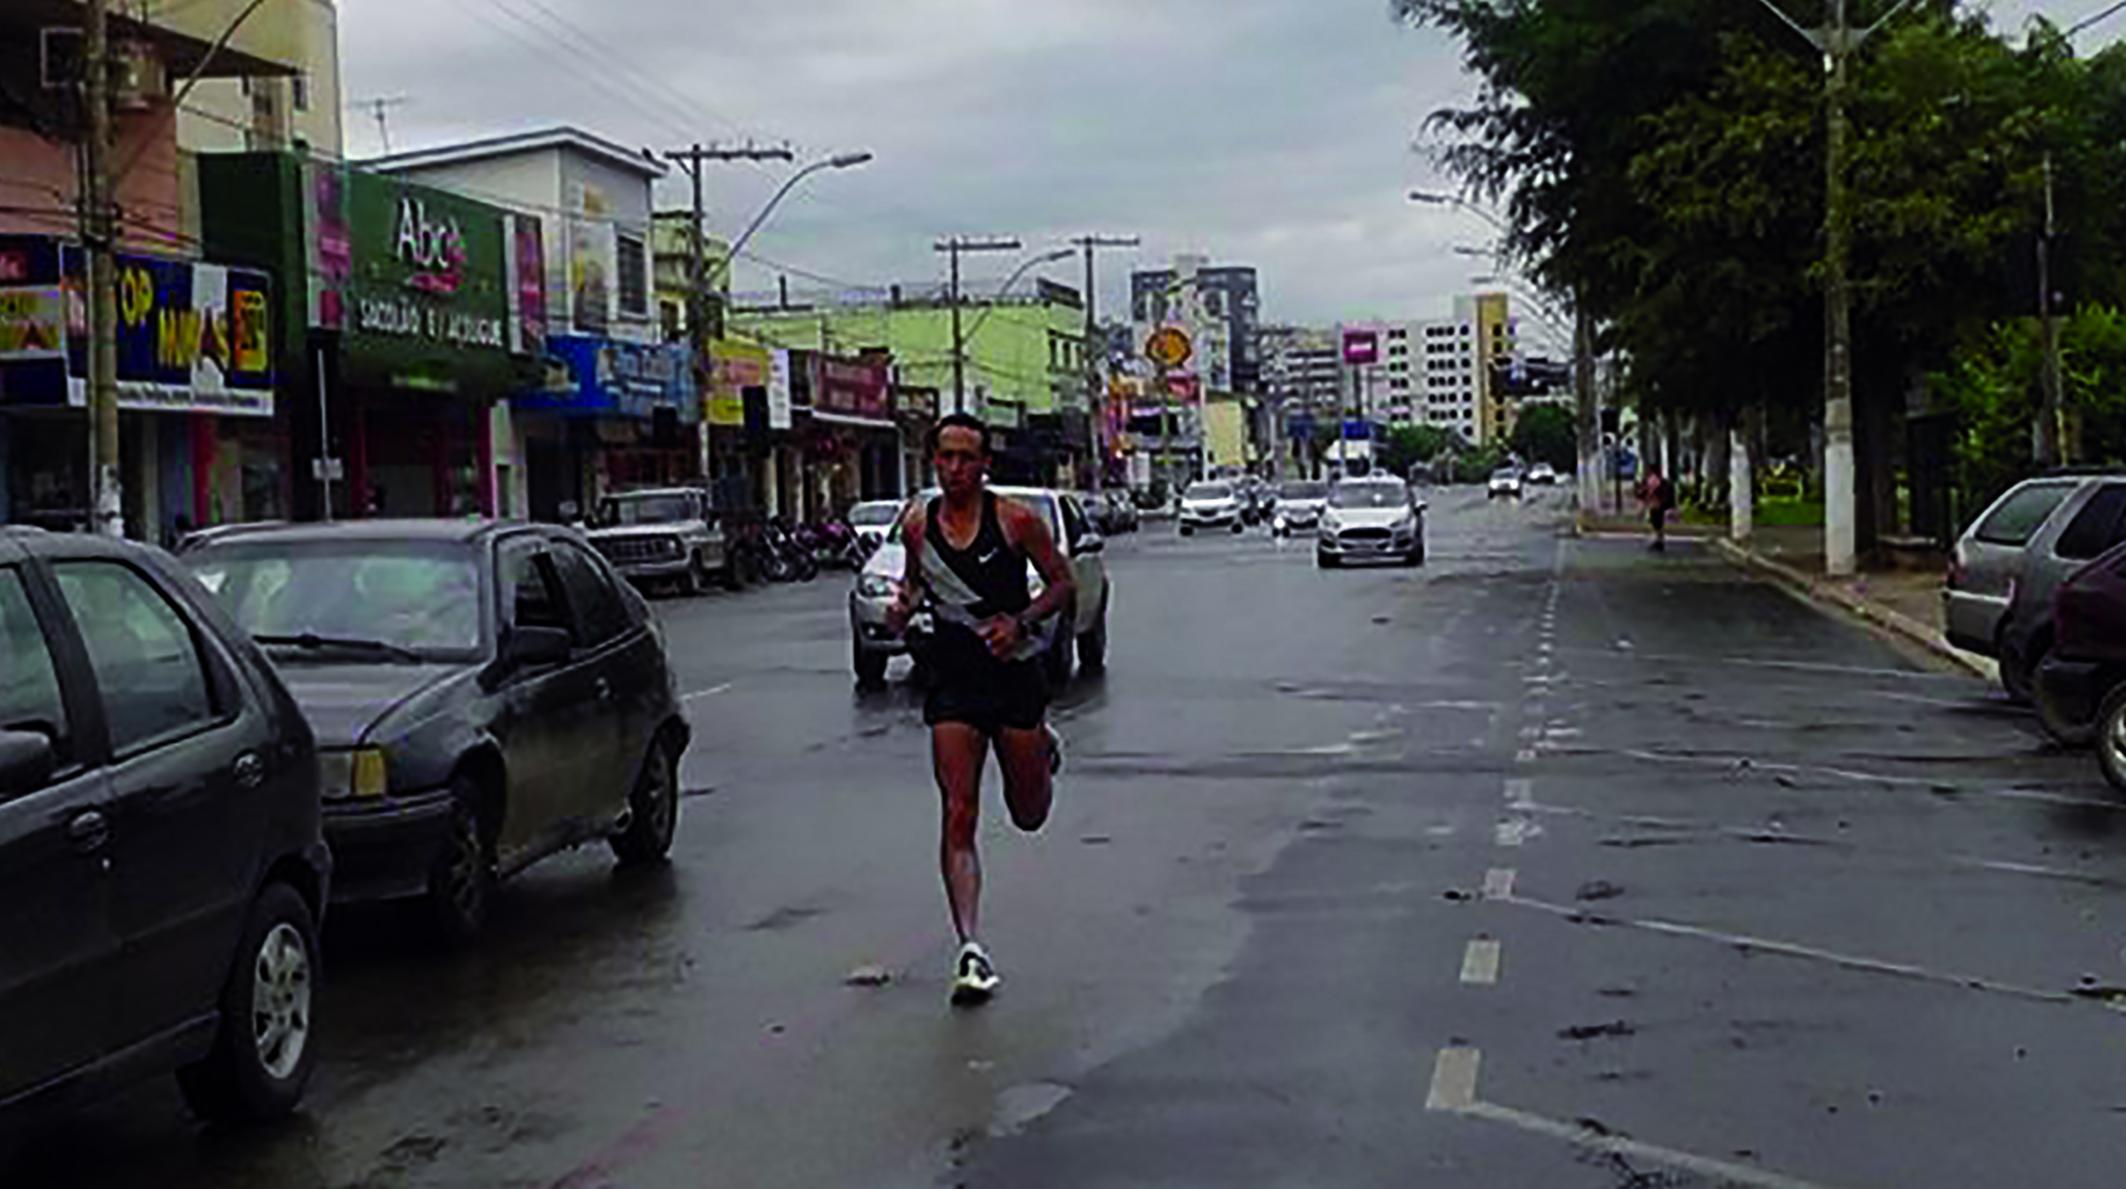 Cena interessante nos dias chuvosos de verão, o corredor sete-lagoano Uilia Pires, que ficou em segundo lugar da categoria na Maratona Internacional de Porto Alegre no ano passado, correndo entre os carros na avenida Antônio Olinto. Uilia se preparar para